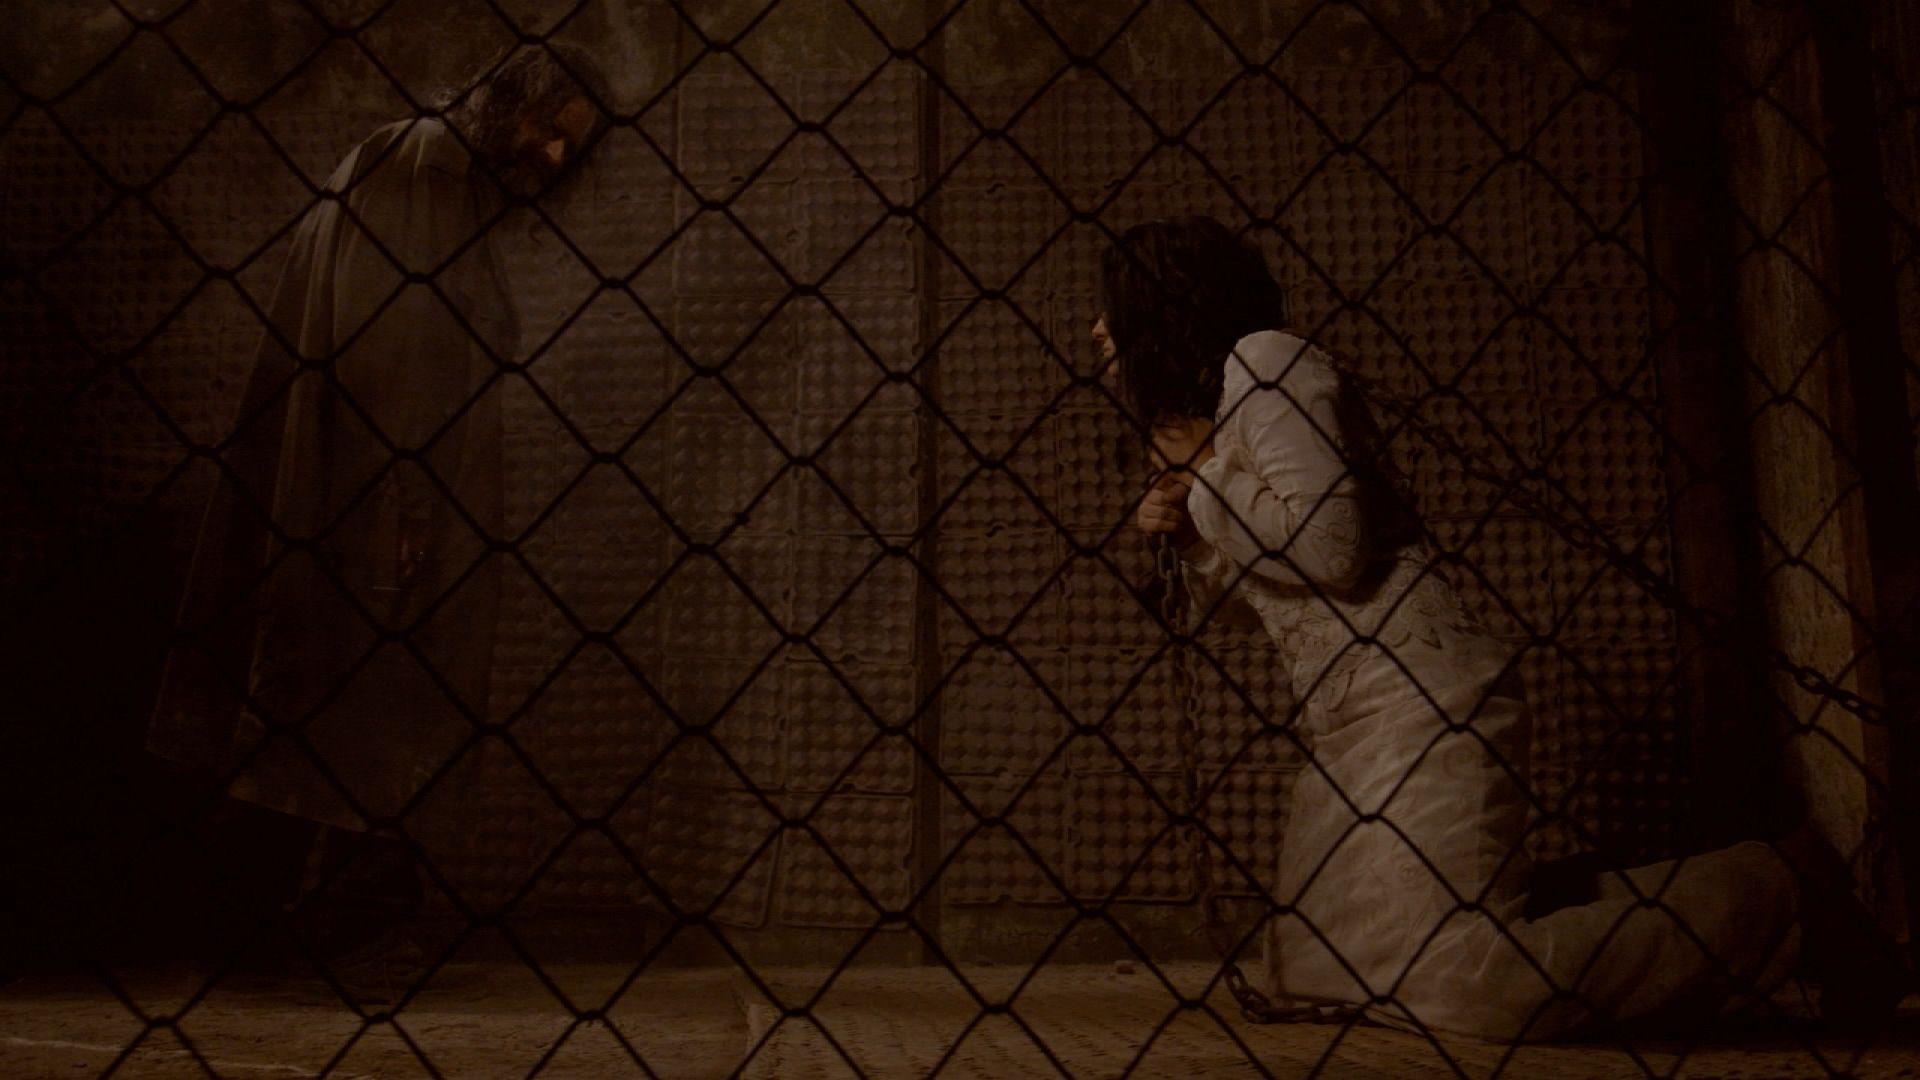 Capítulo 20 de marzo – Los castigos de Severo contra Aurora | Mi Adorable Maldición